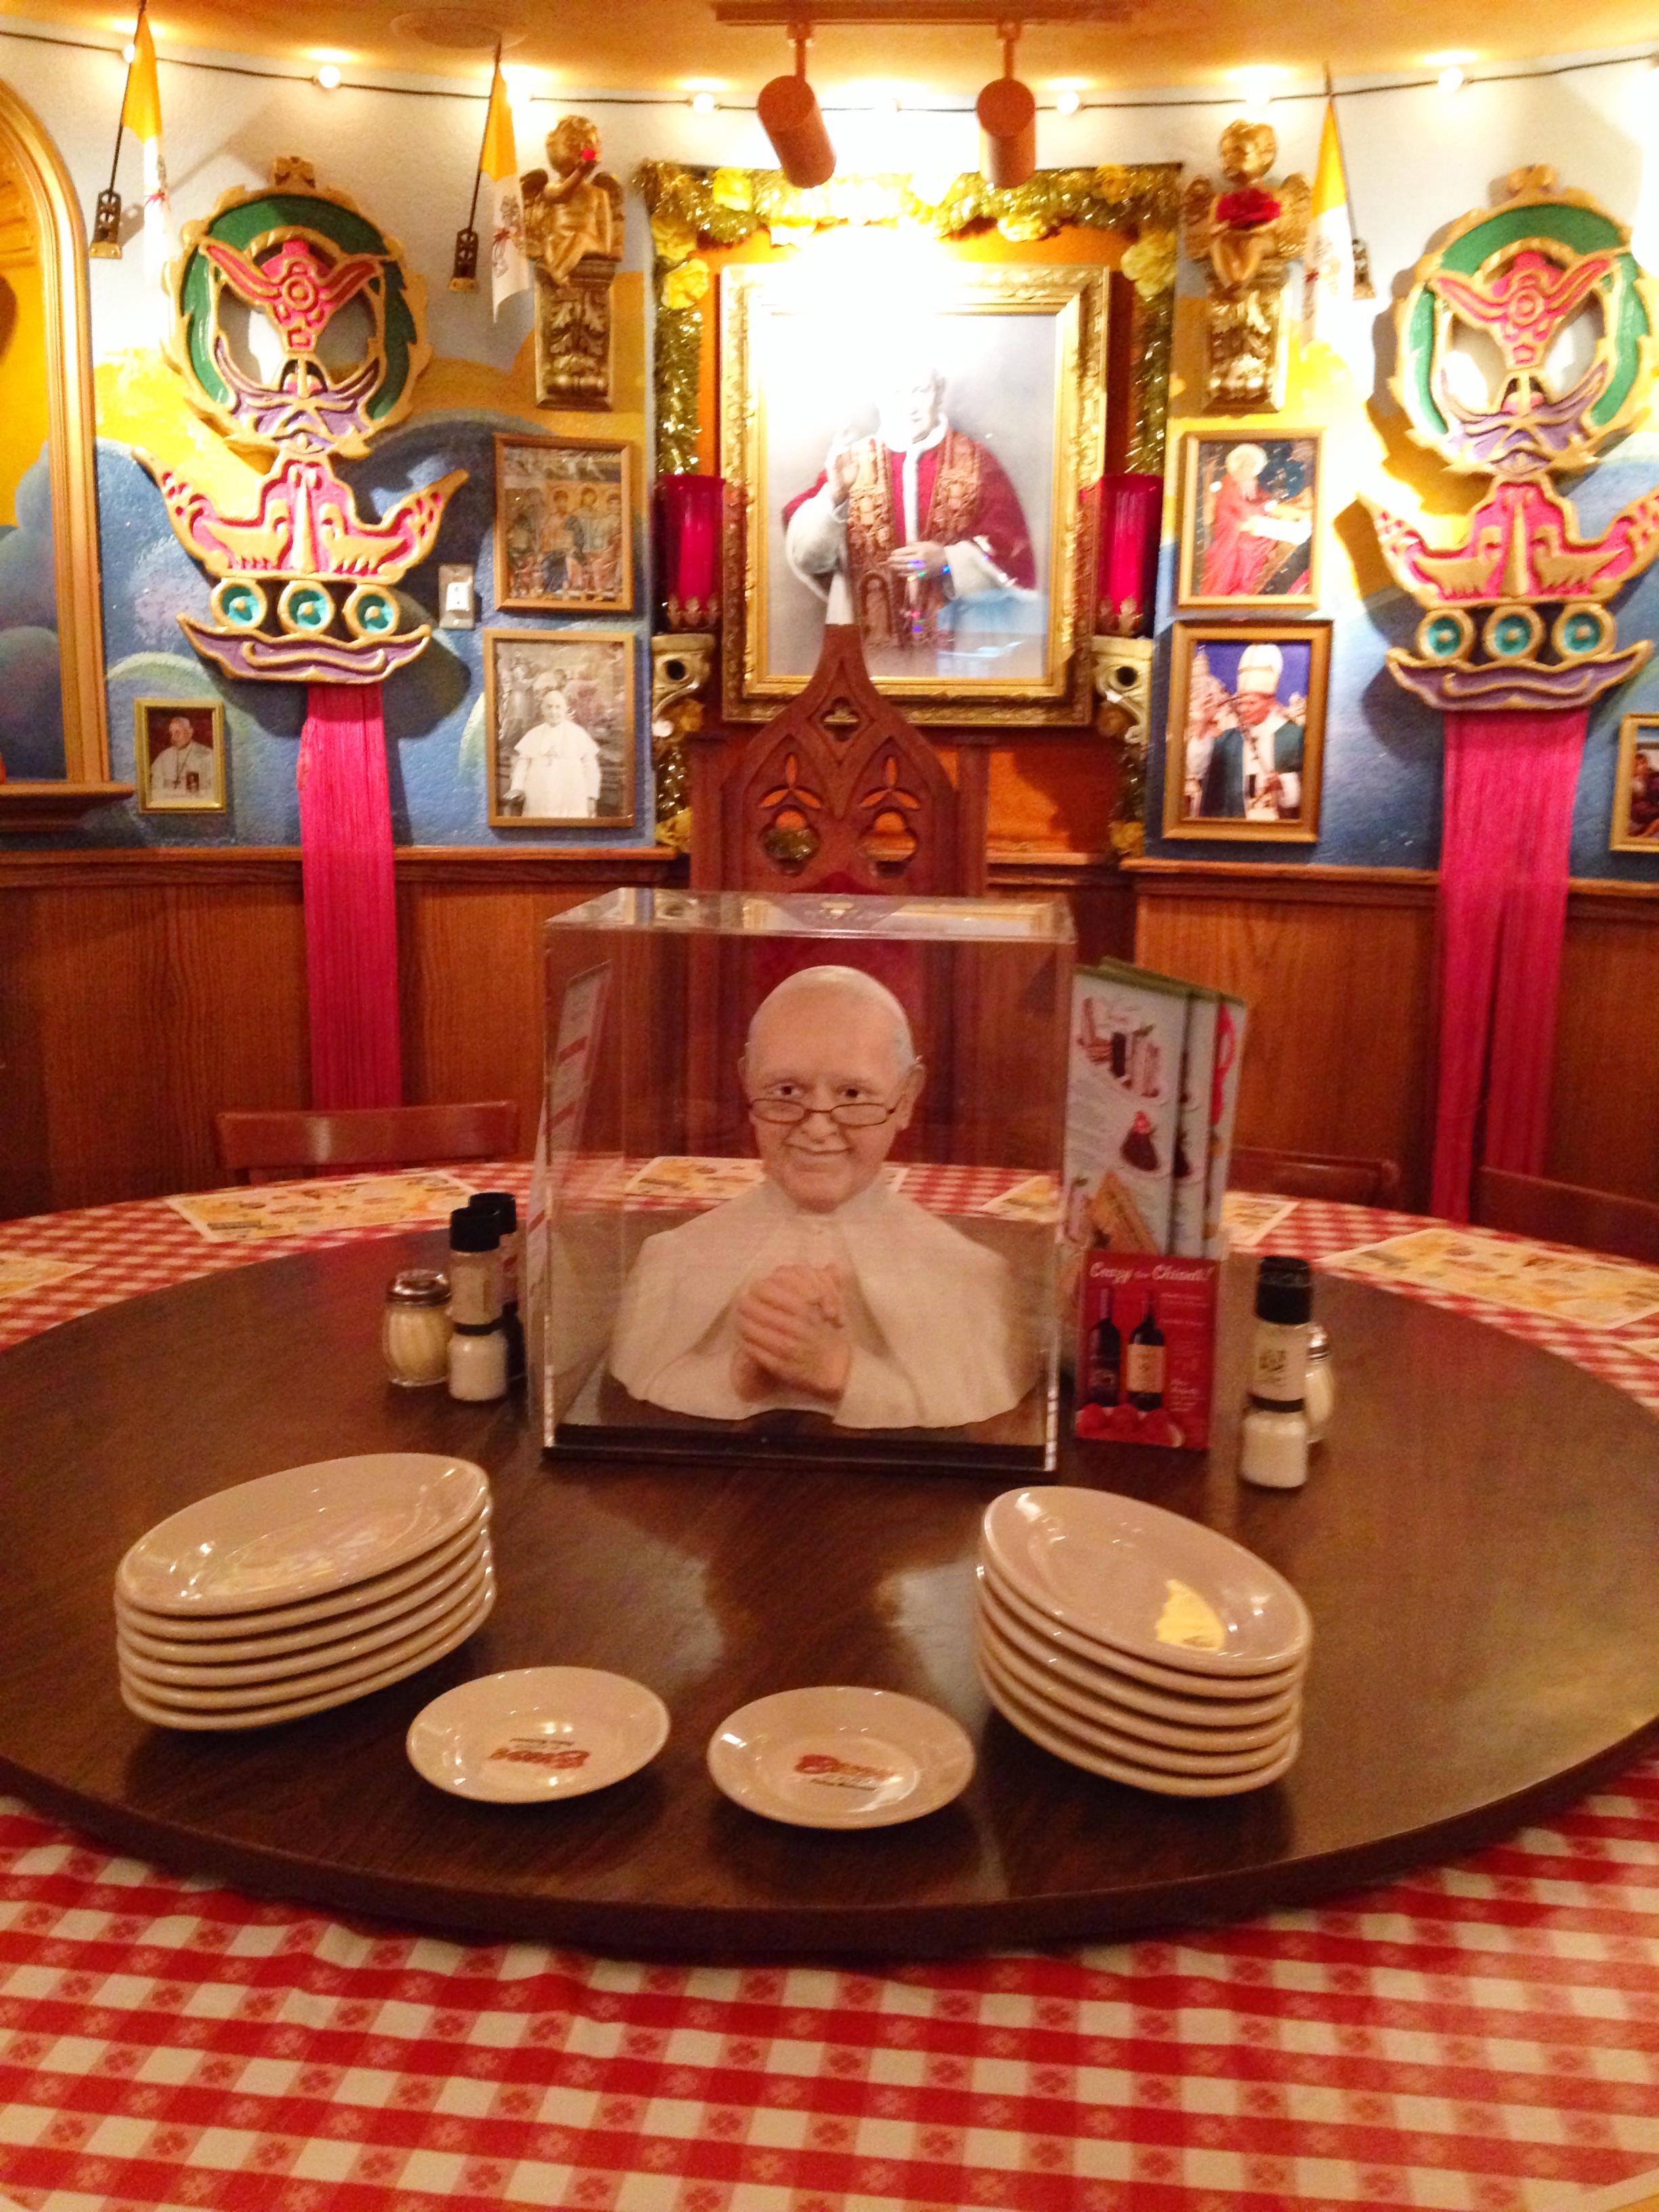 Buca di beppo 52 week 39 s of marie 39 s life - Buca di beppo pope table ...